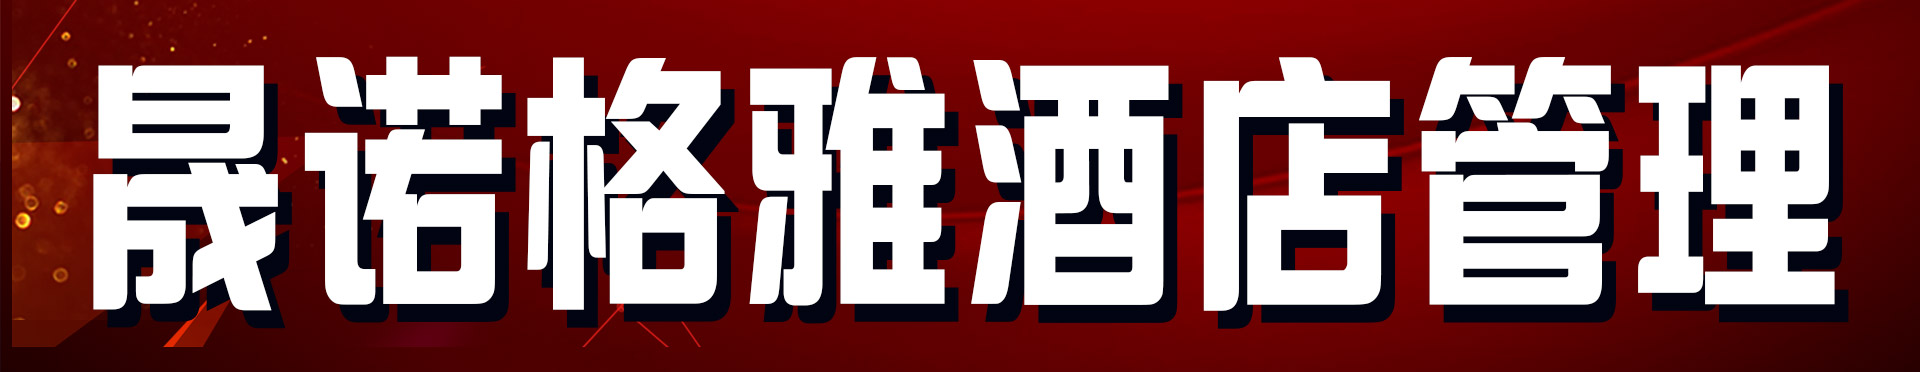 齐河县晟诺格雅酒店管理有限公司(银座佳悦精选酒店)